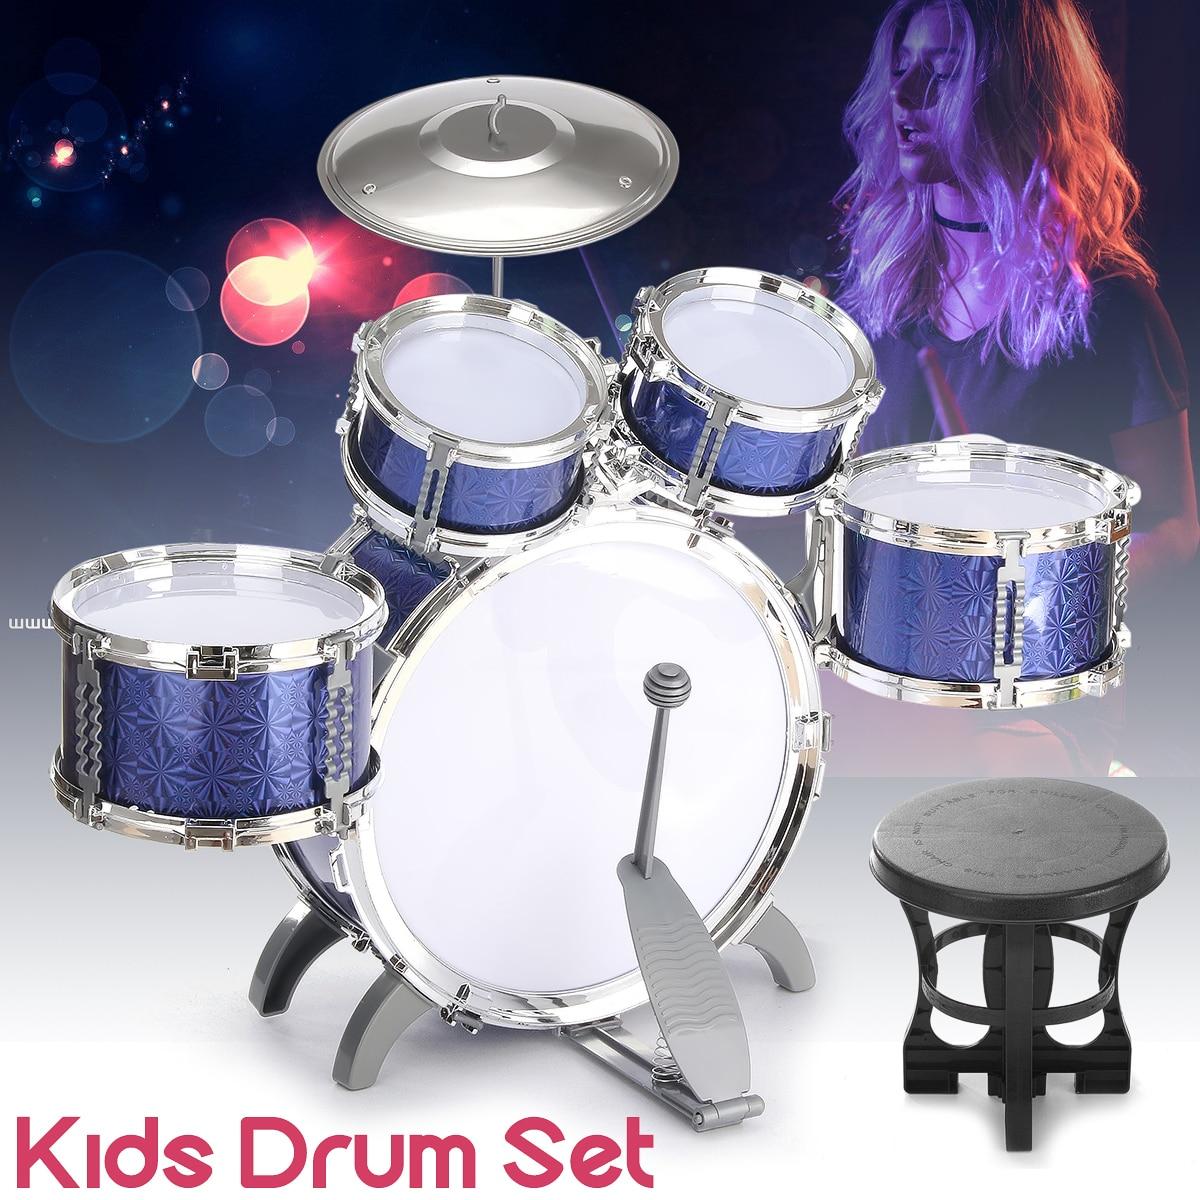 Kit de batterie bleu enfants Instrument éducatif de musique enfant avec des bâtons de tabouret cadeau cymbale Instruments de Percussion cadeau pour les enfants